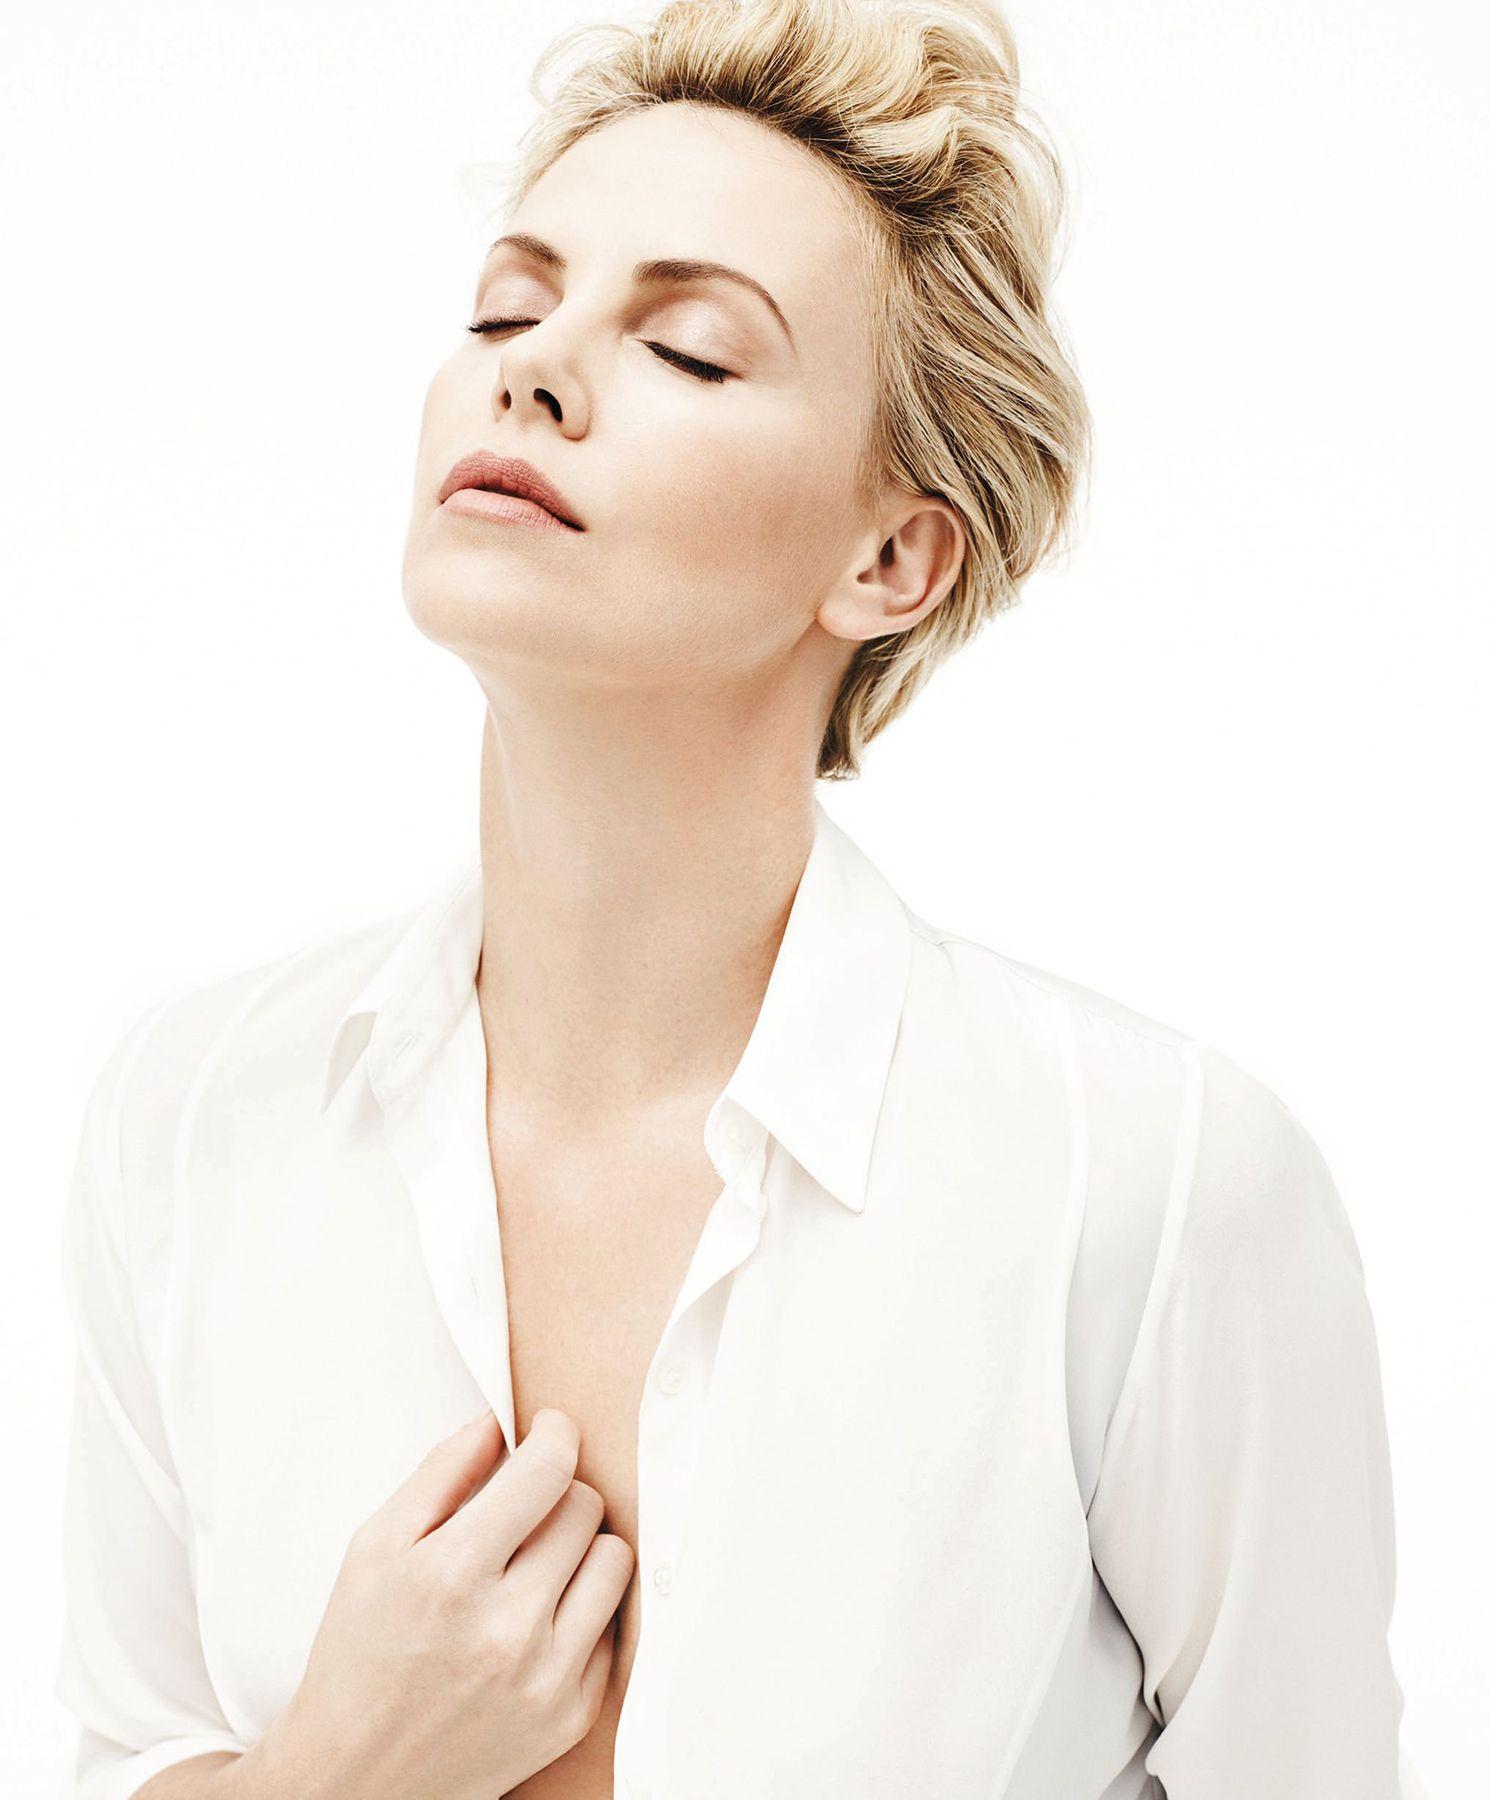 Charlize Theron photographed by Karim Sadli for 2014 Dior